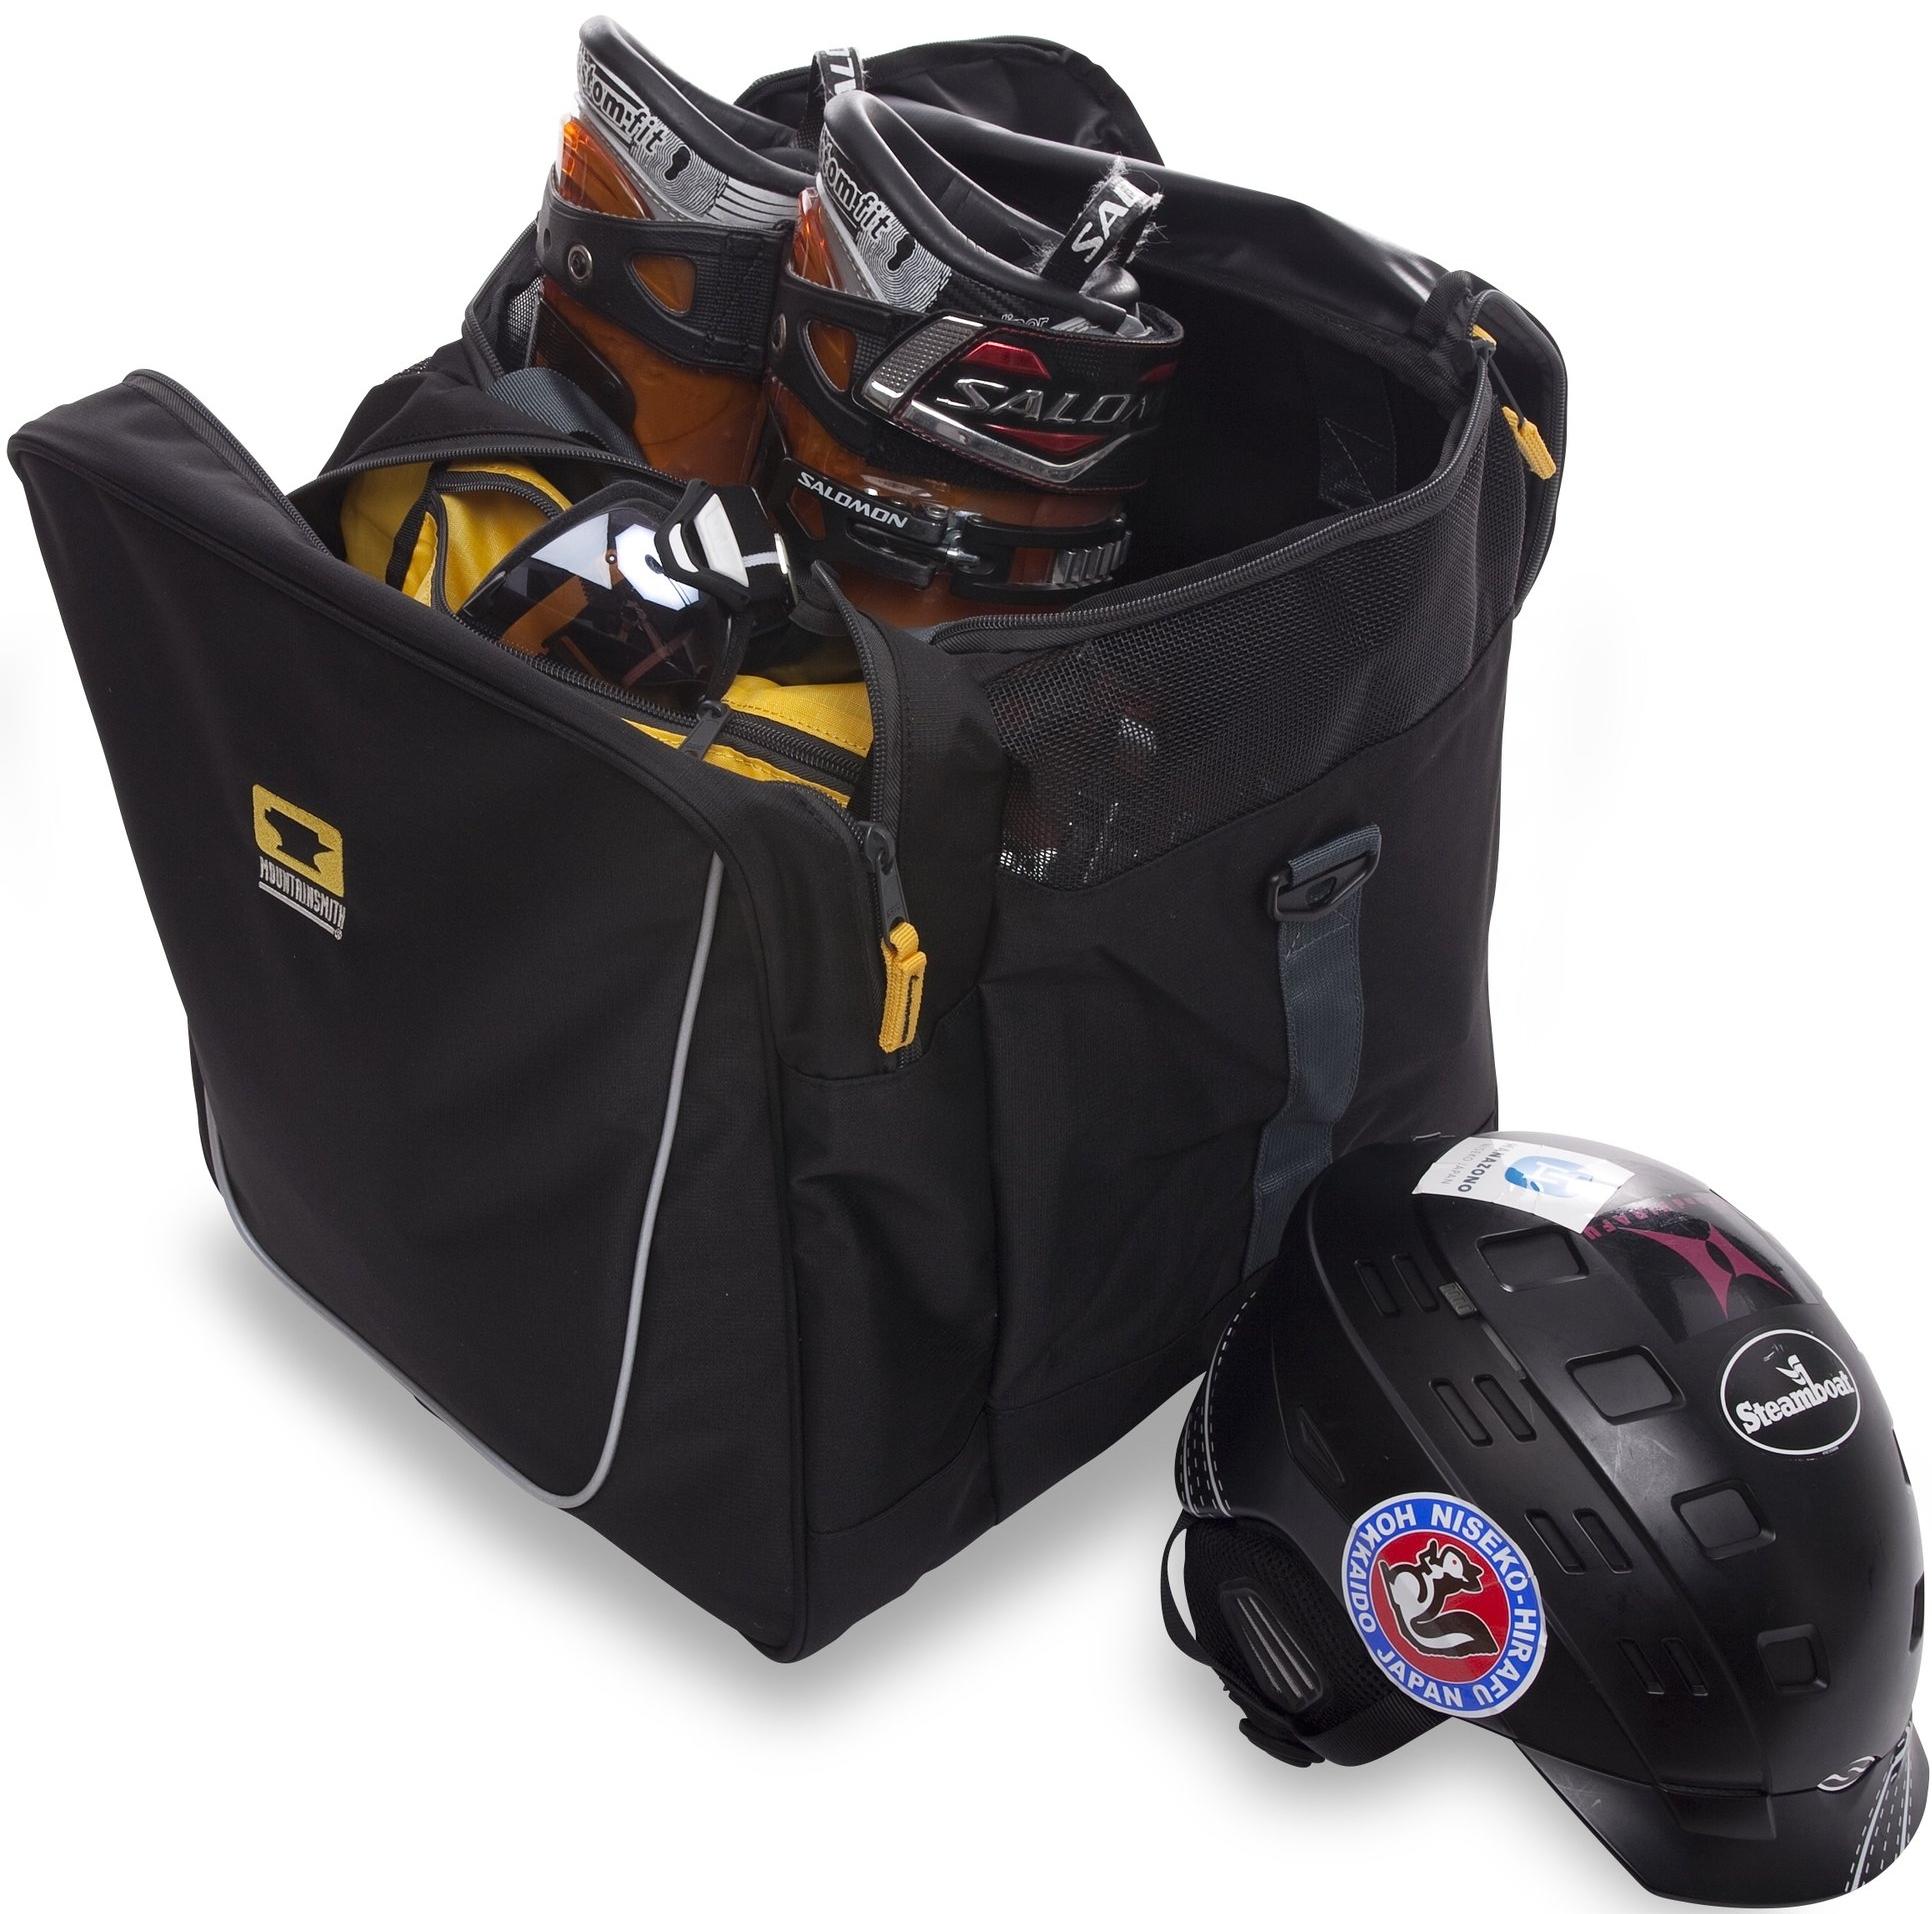 Mountainsmith Boot Cube, $49.95